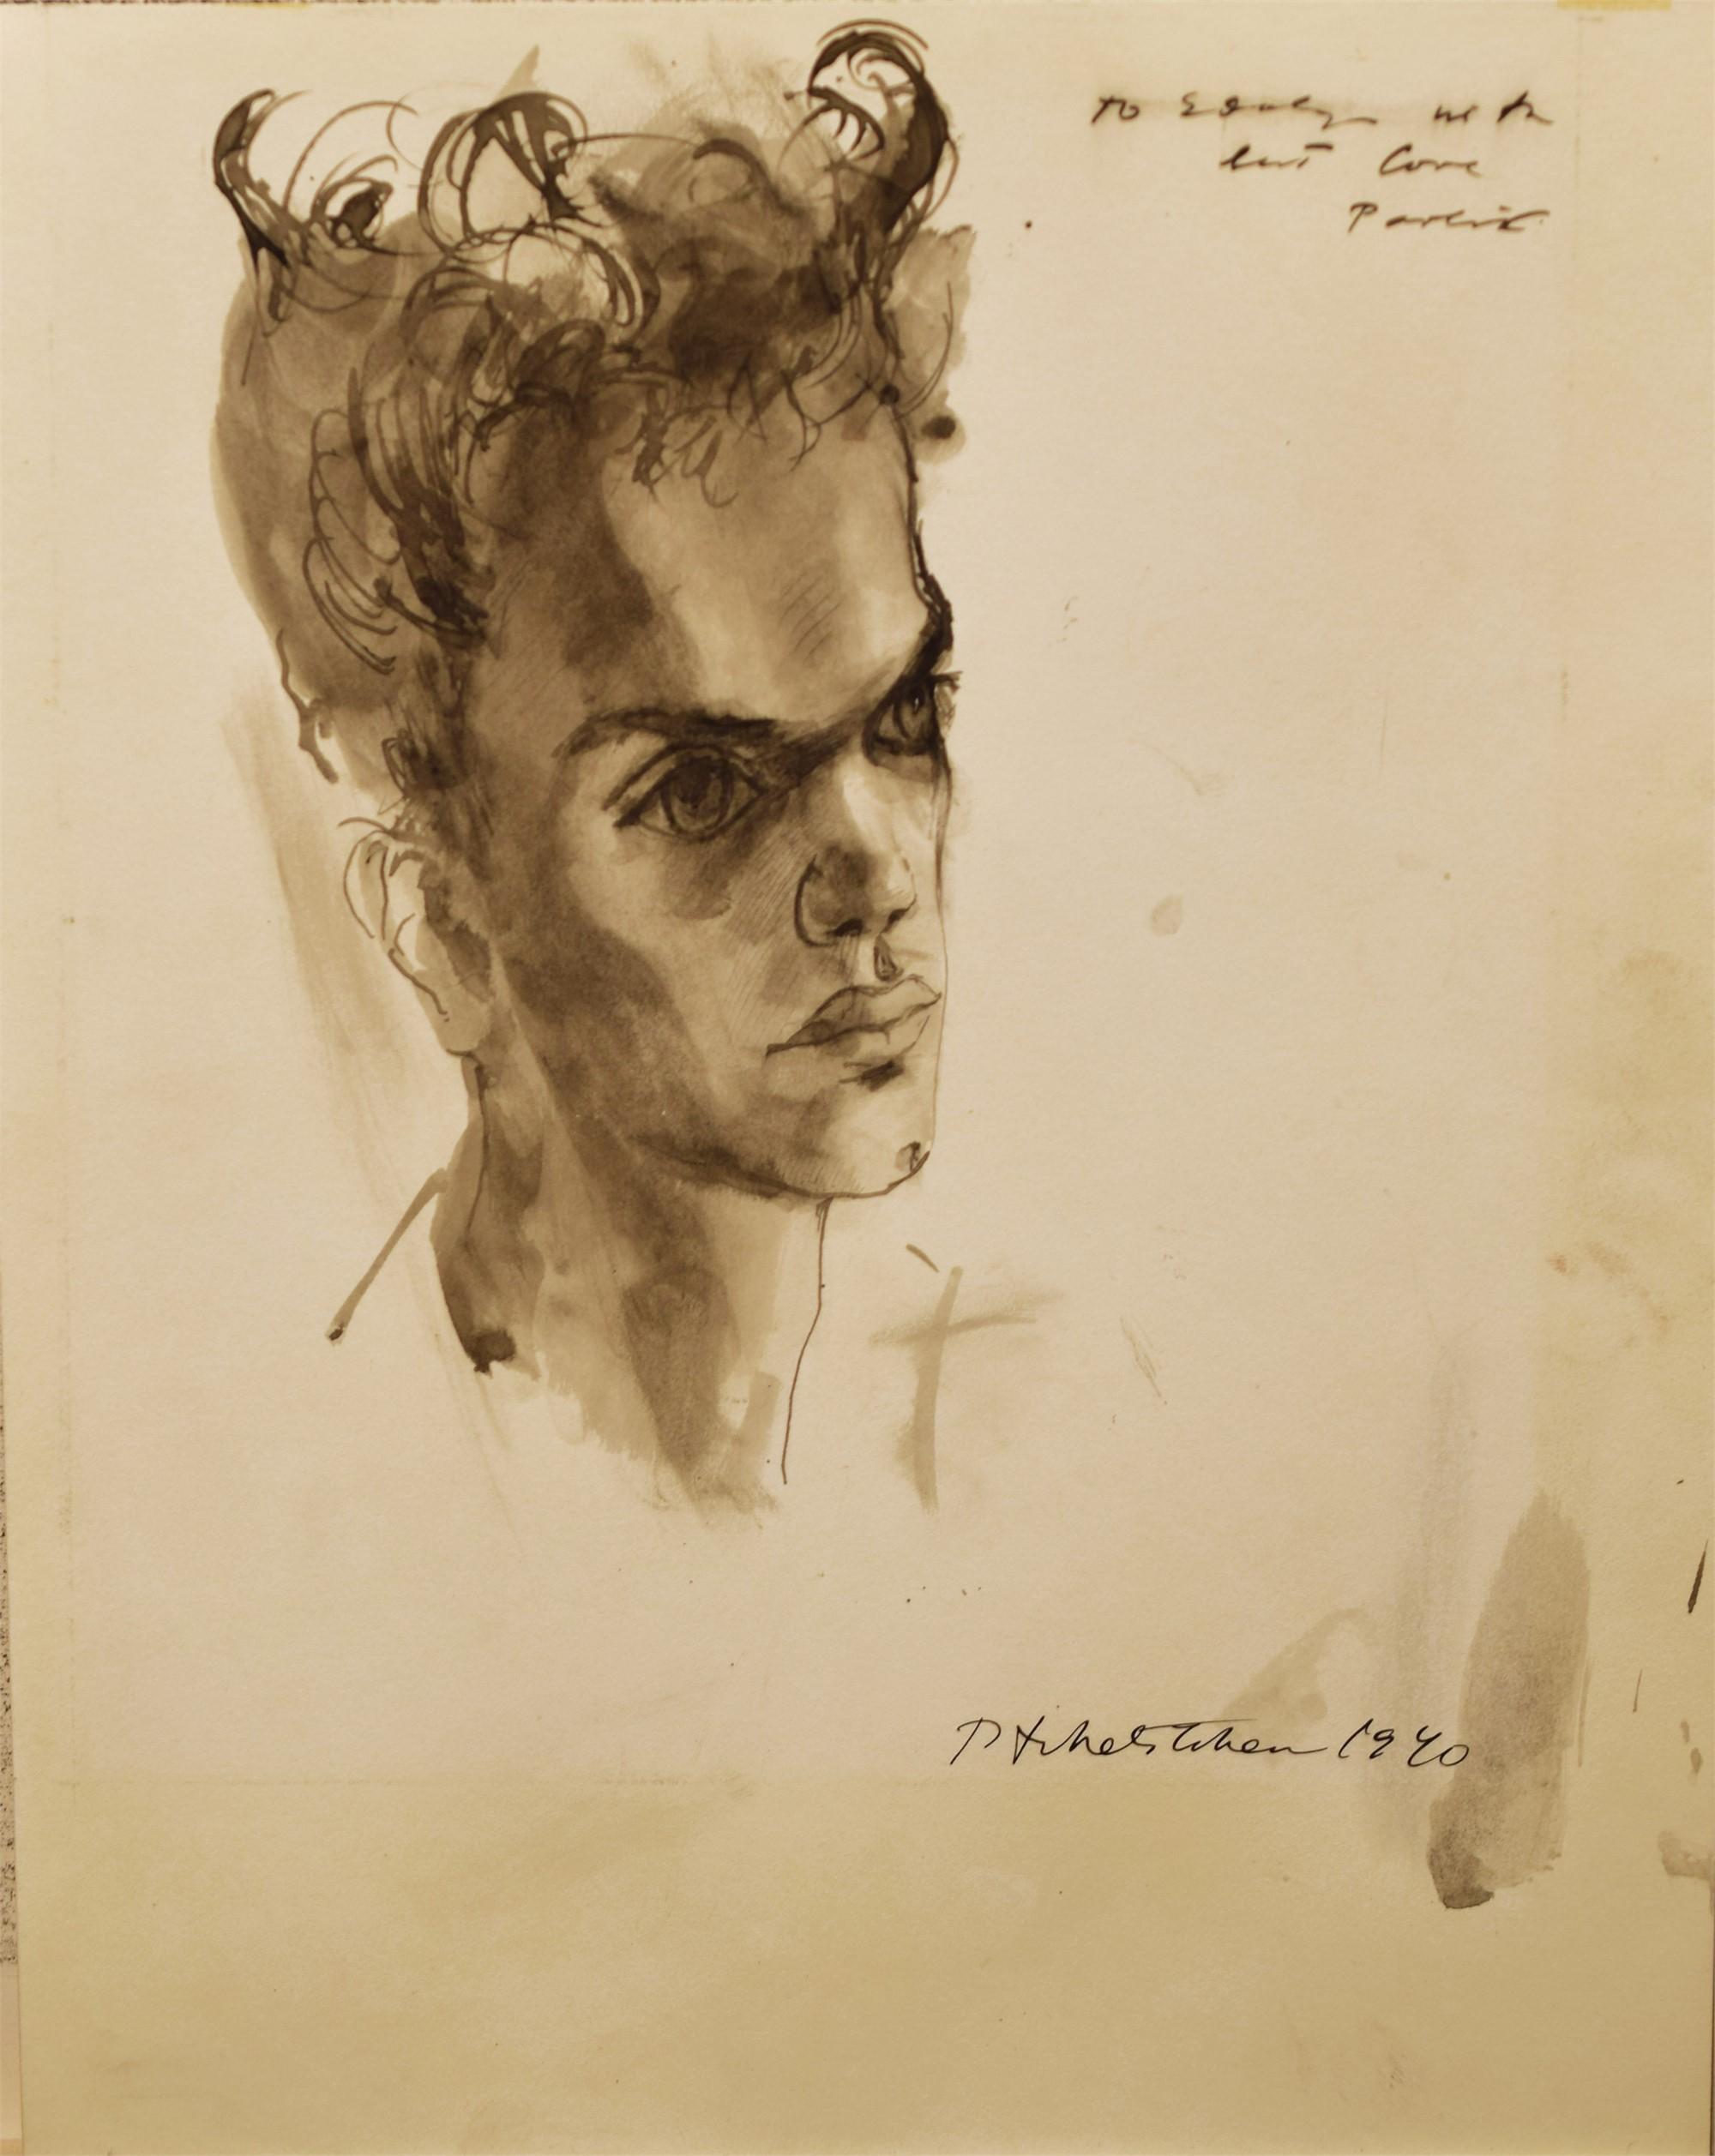 PORTRAIT OF EDULJI DINSHAW by Pavel Tchelitchew